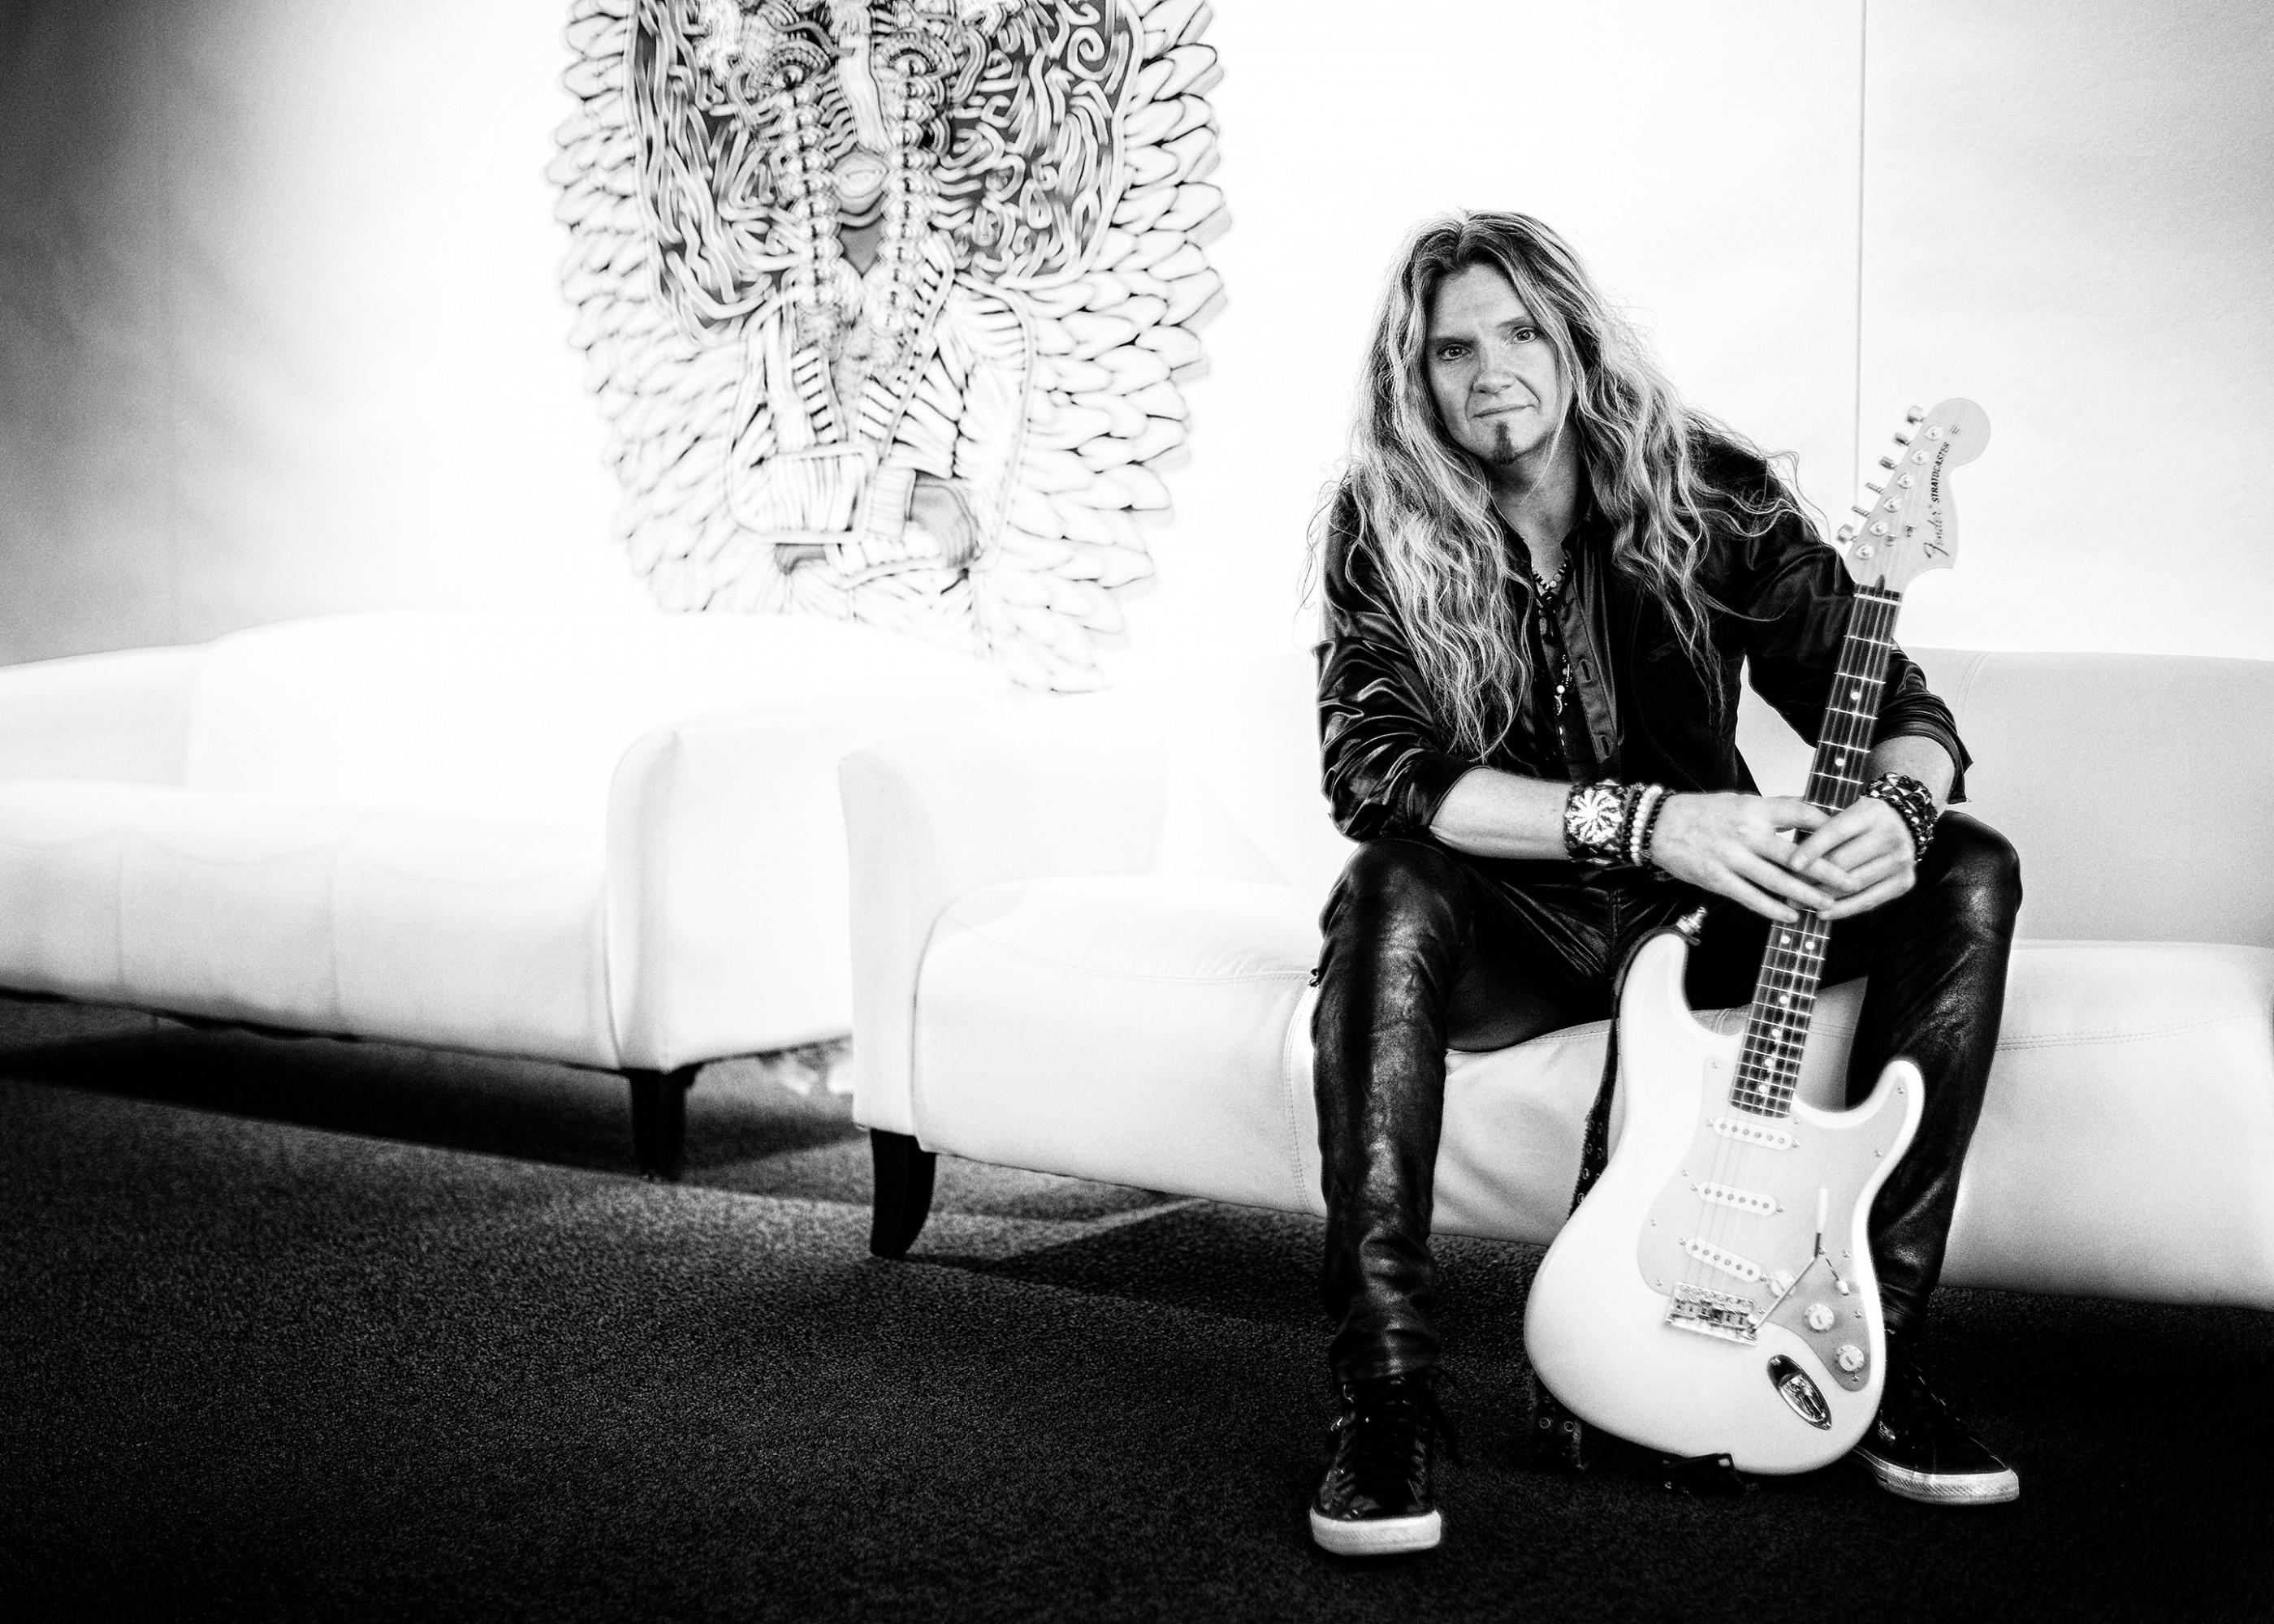 joel-hoekstra-whitesnake-guitarist-3-ash-newell